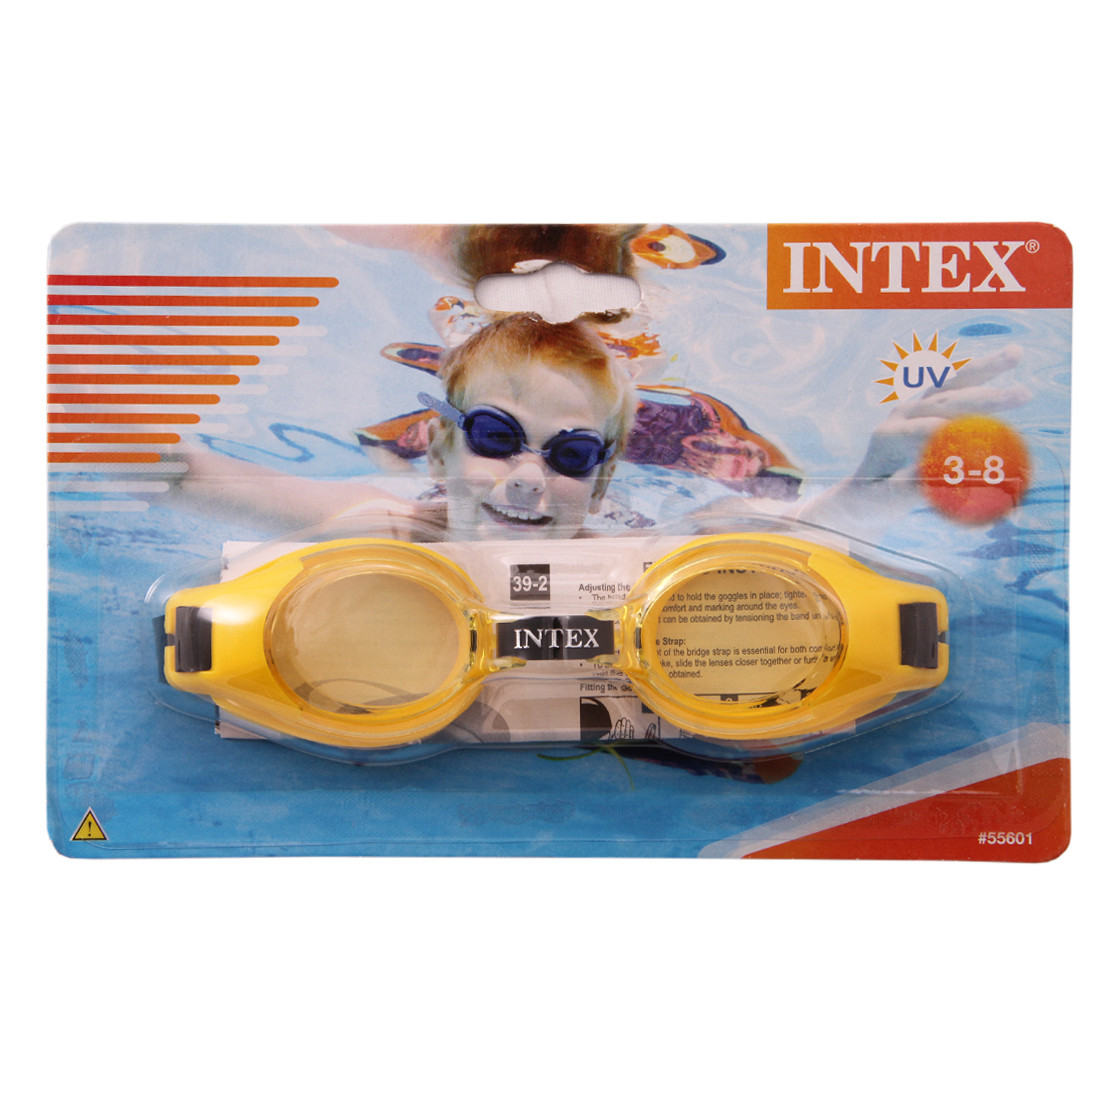 Γυαλακια intex - image 1-thumbnail